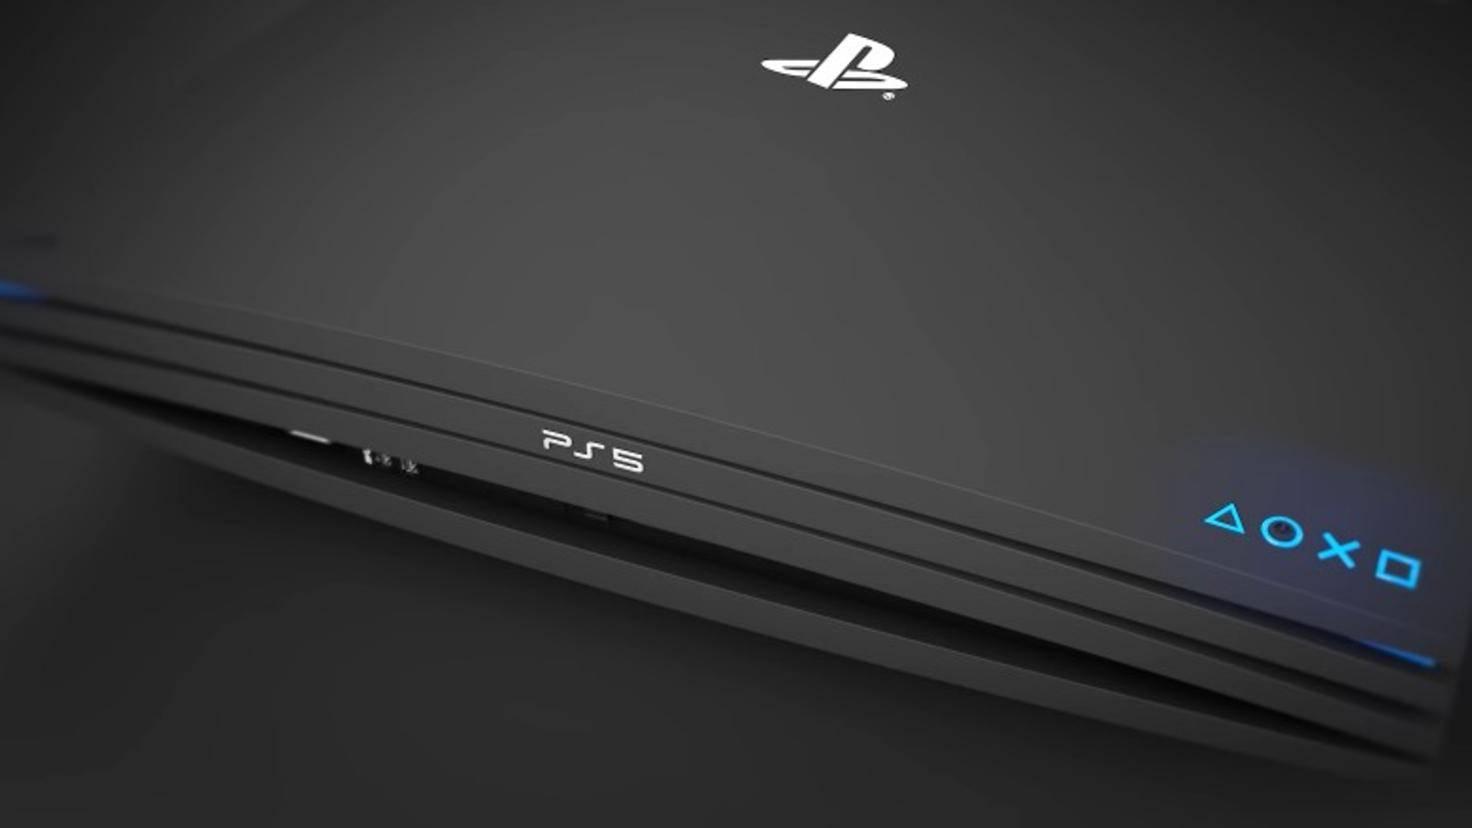 Konzeptbild: Wie wird die PS5 aussehen?